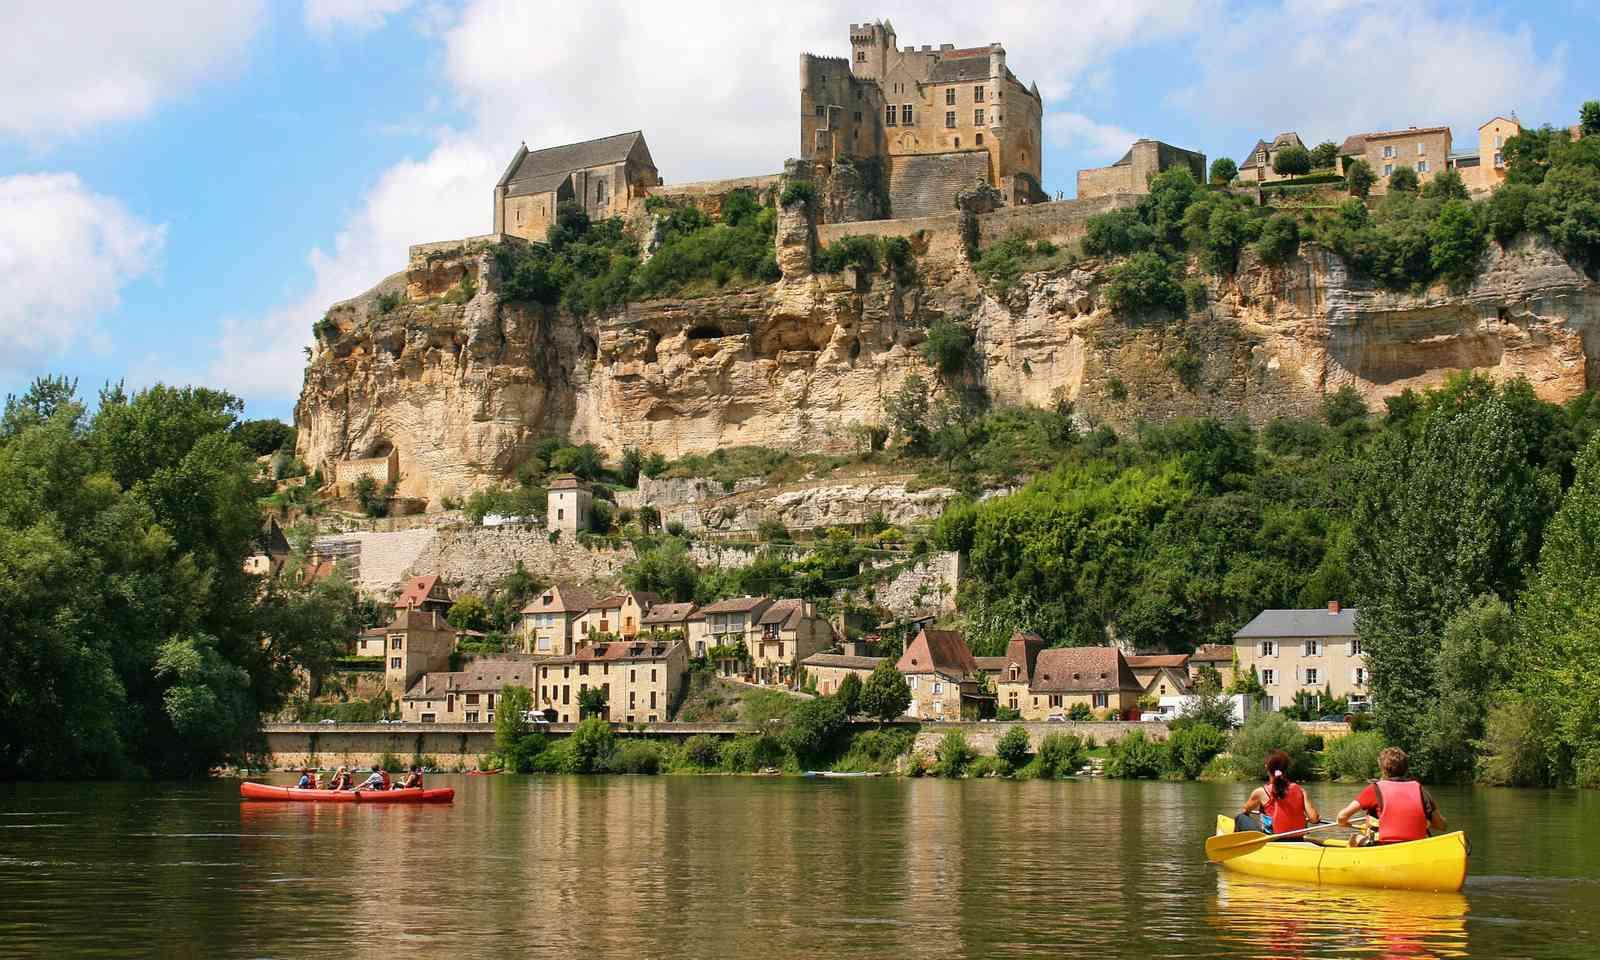 Kayaking on the Dordogne River (Dreamstime)